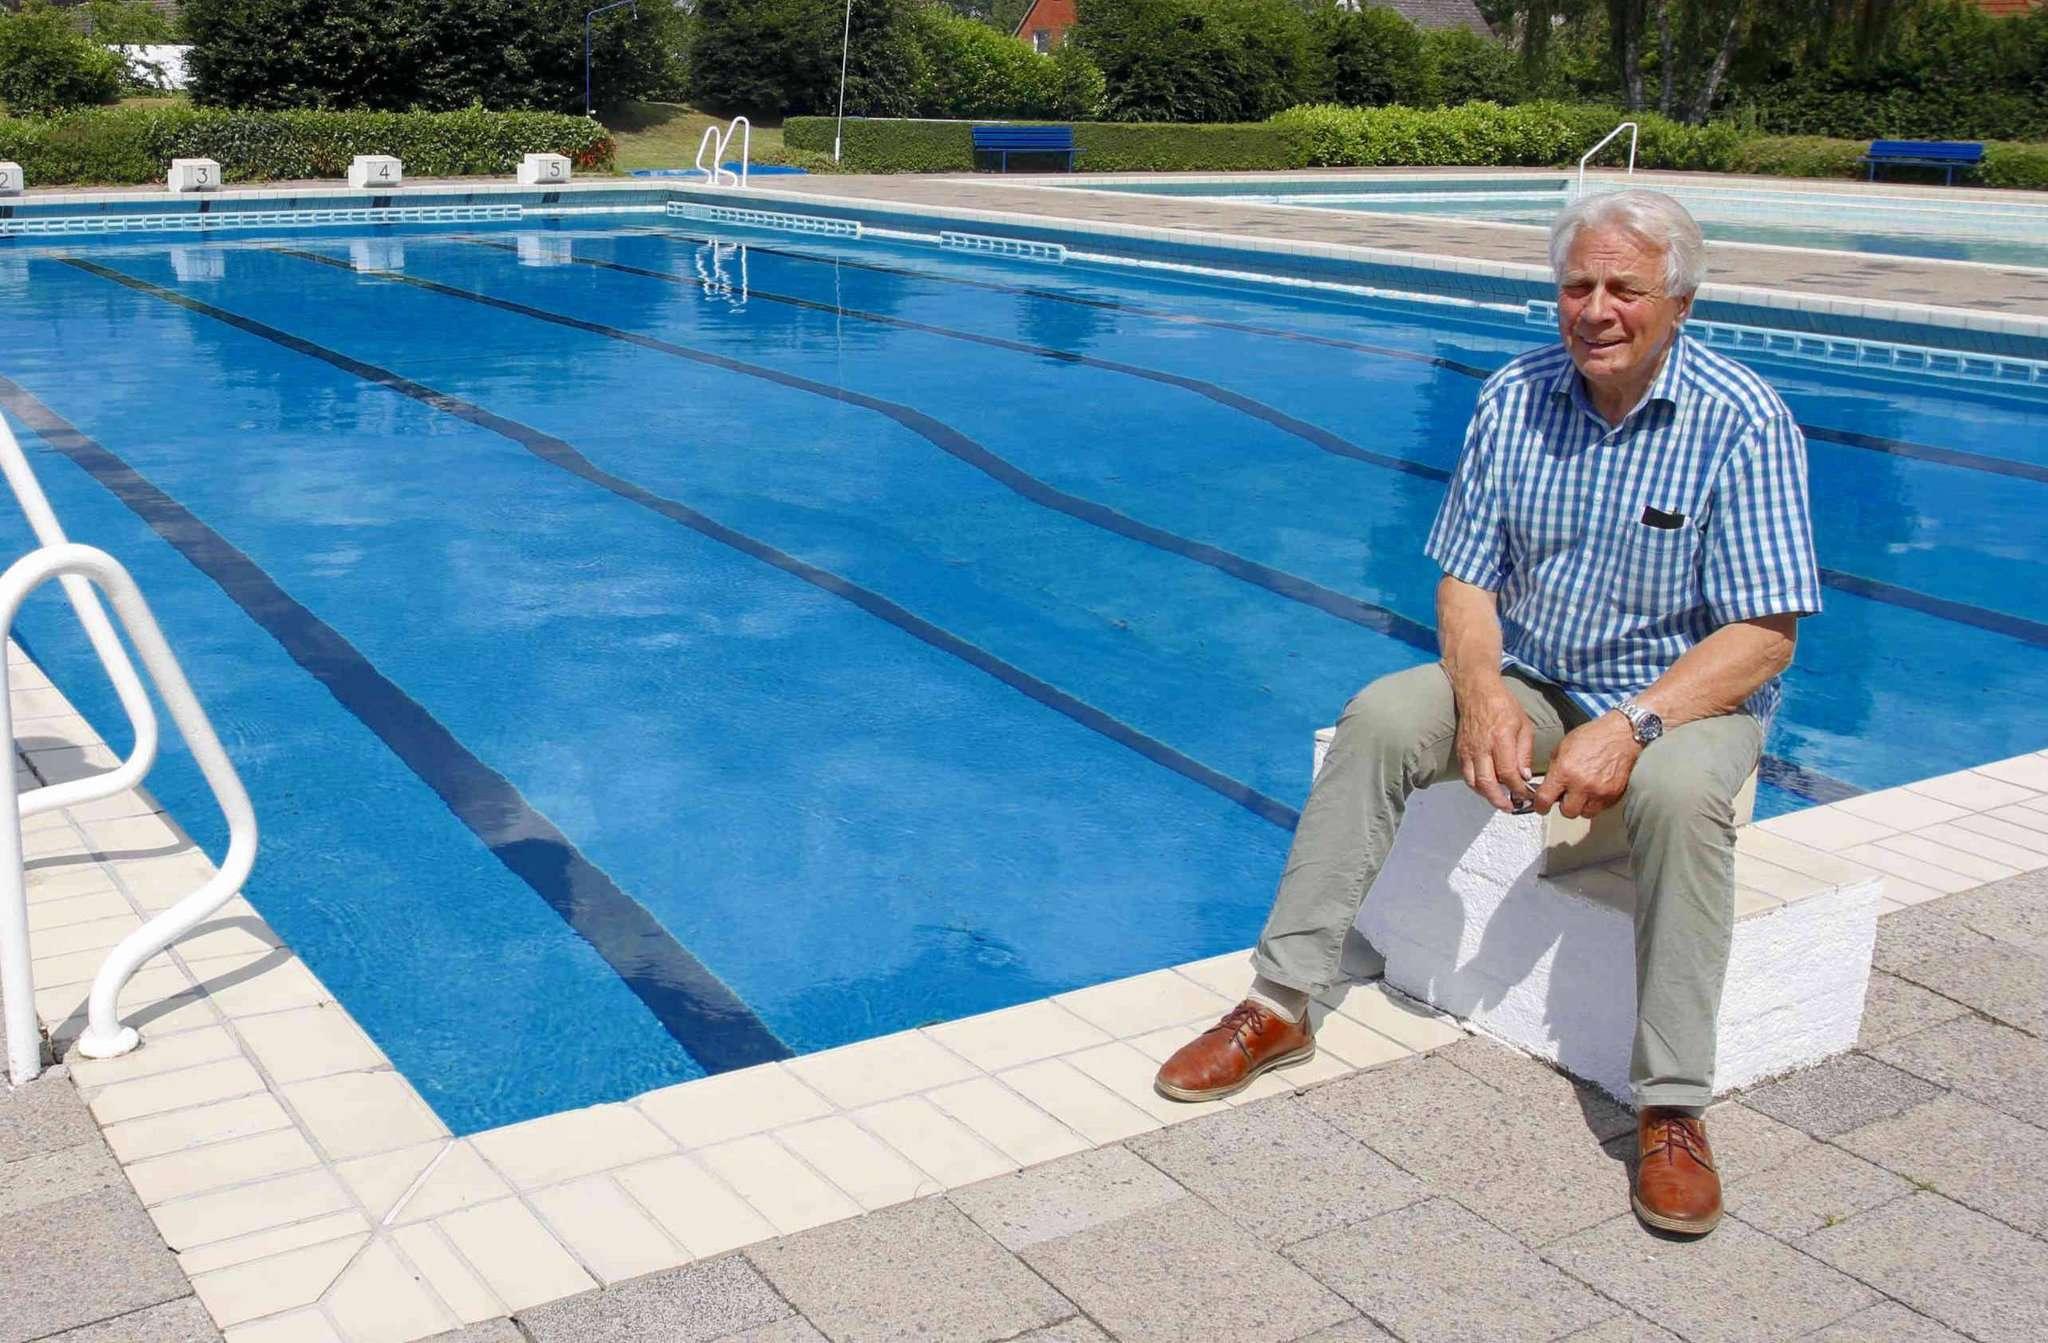 Bürgermeister Heinz Meyer im Sommer im Freibad. Die Becken müssen saniert werden.